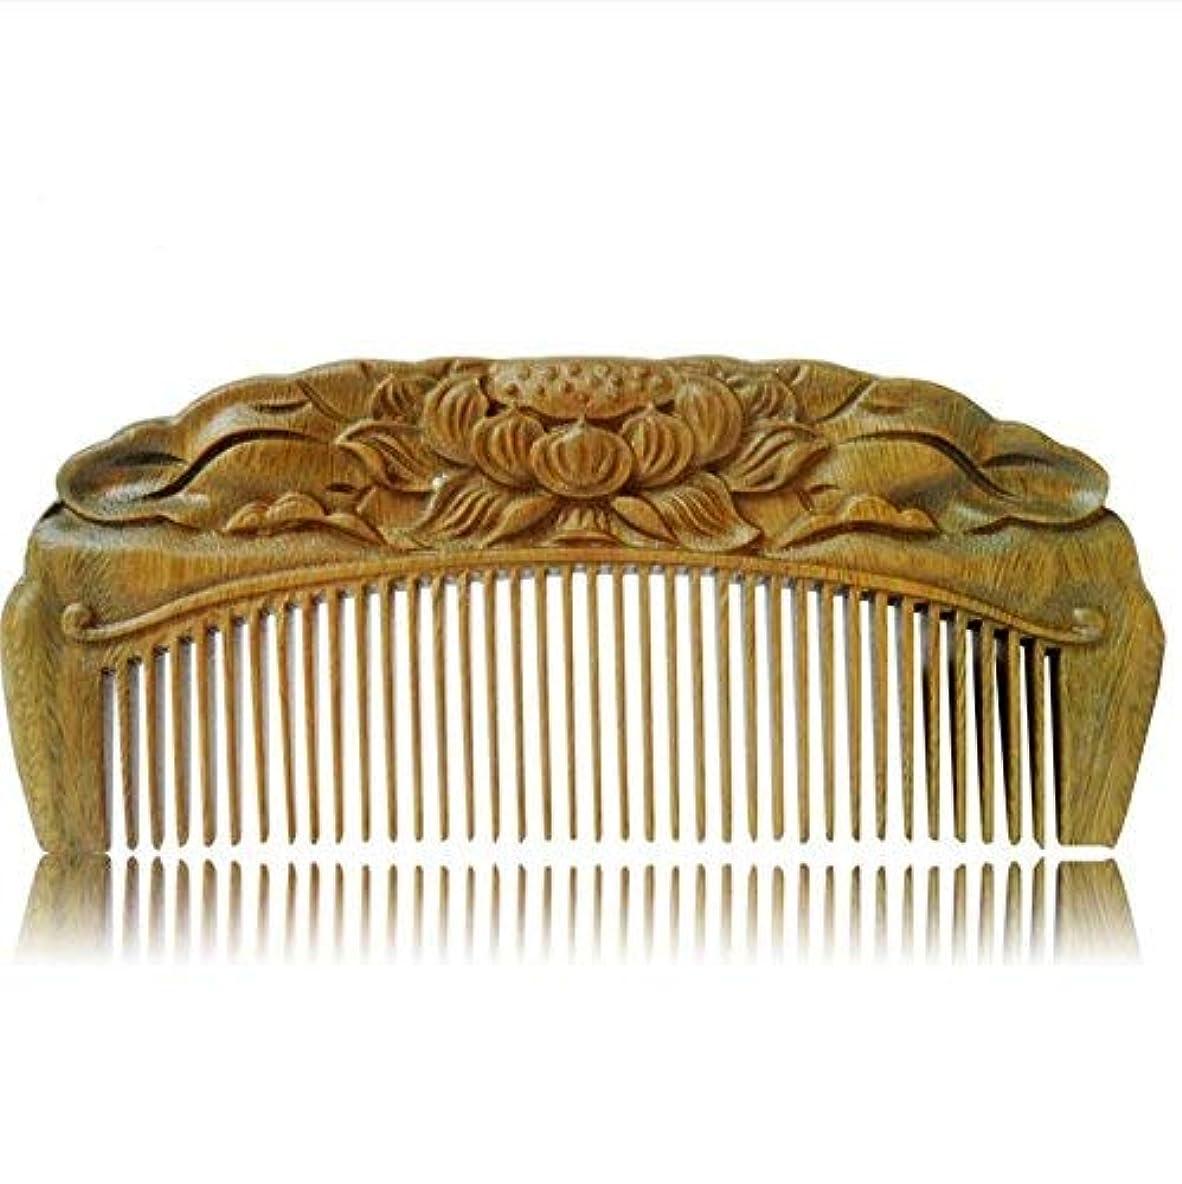 魂補正シートHandmade Carved Natural Sandalwood Hair Comb - Anti-static Sandalwood Hair Comb Beard Brush Rake Comb Handmade...